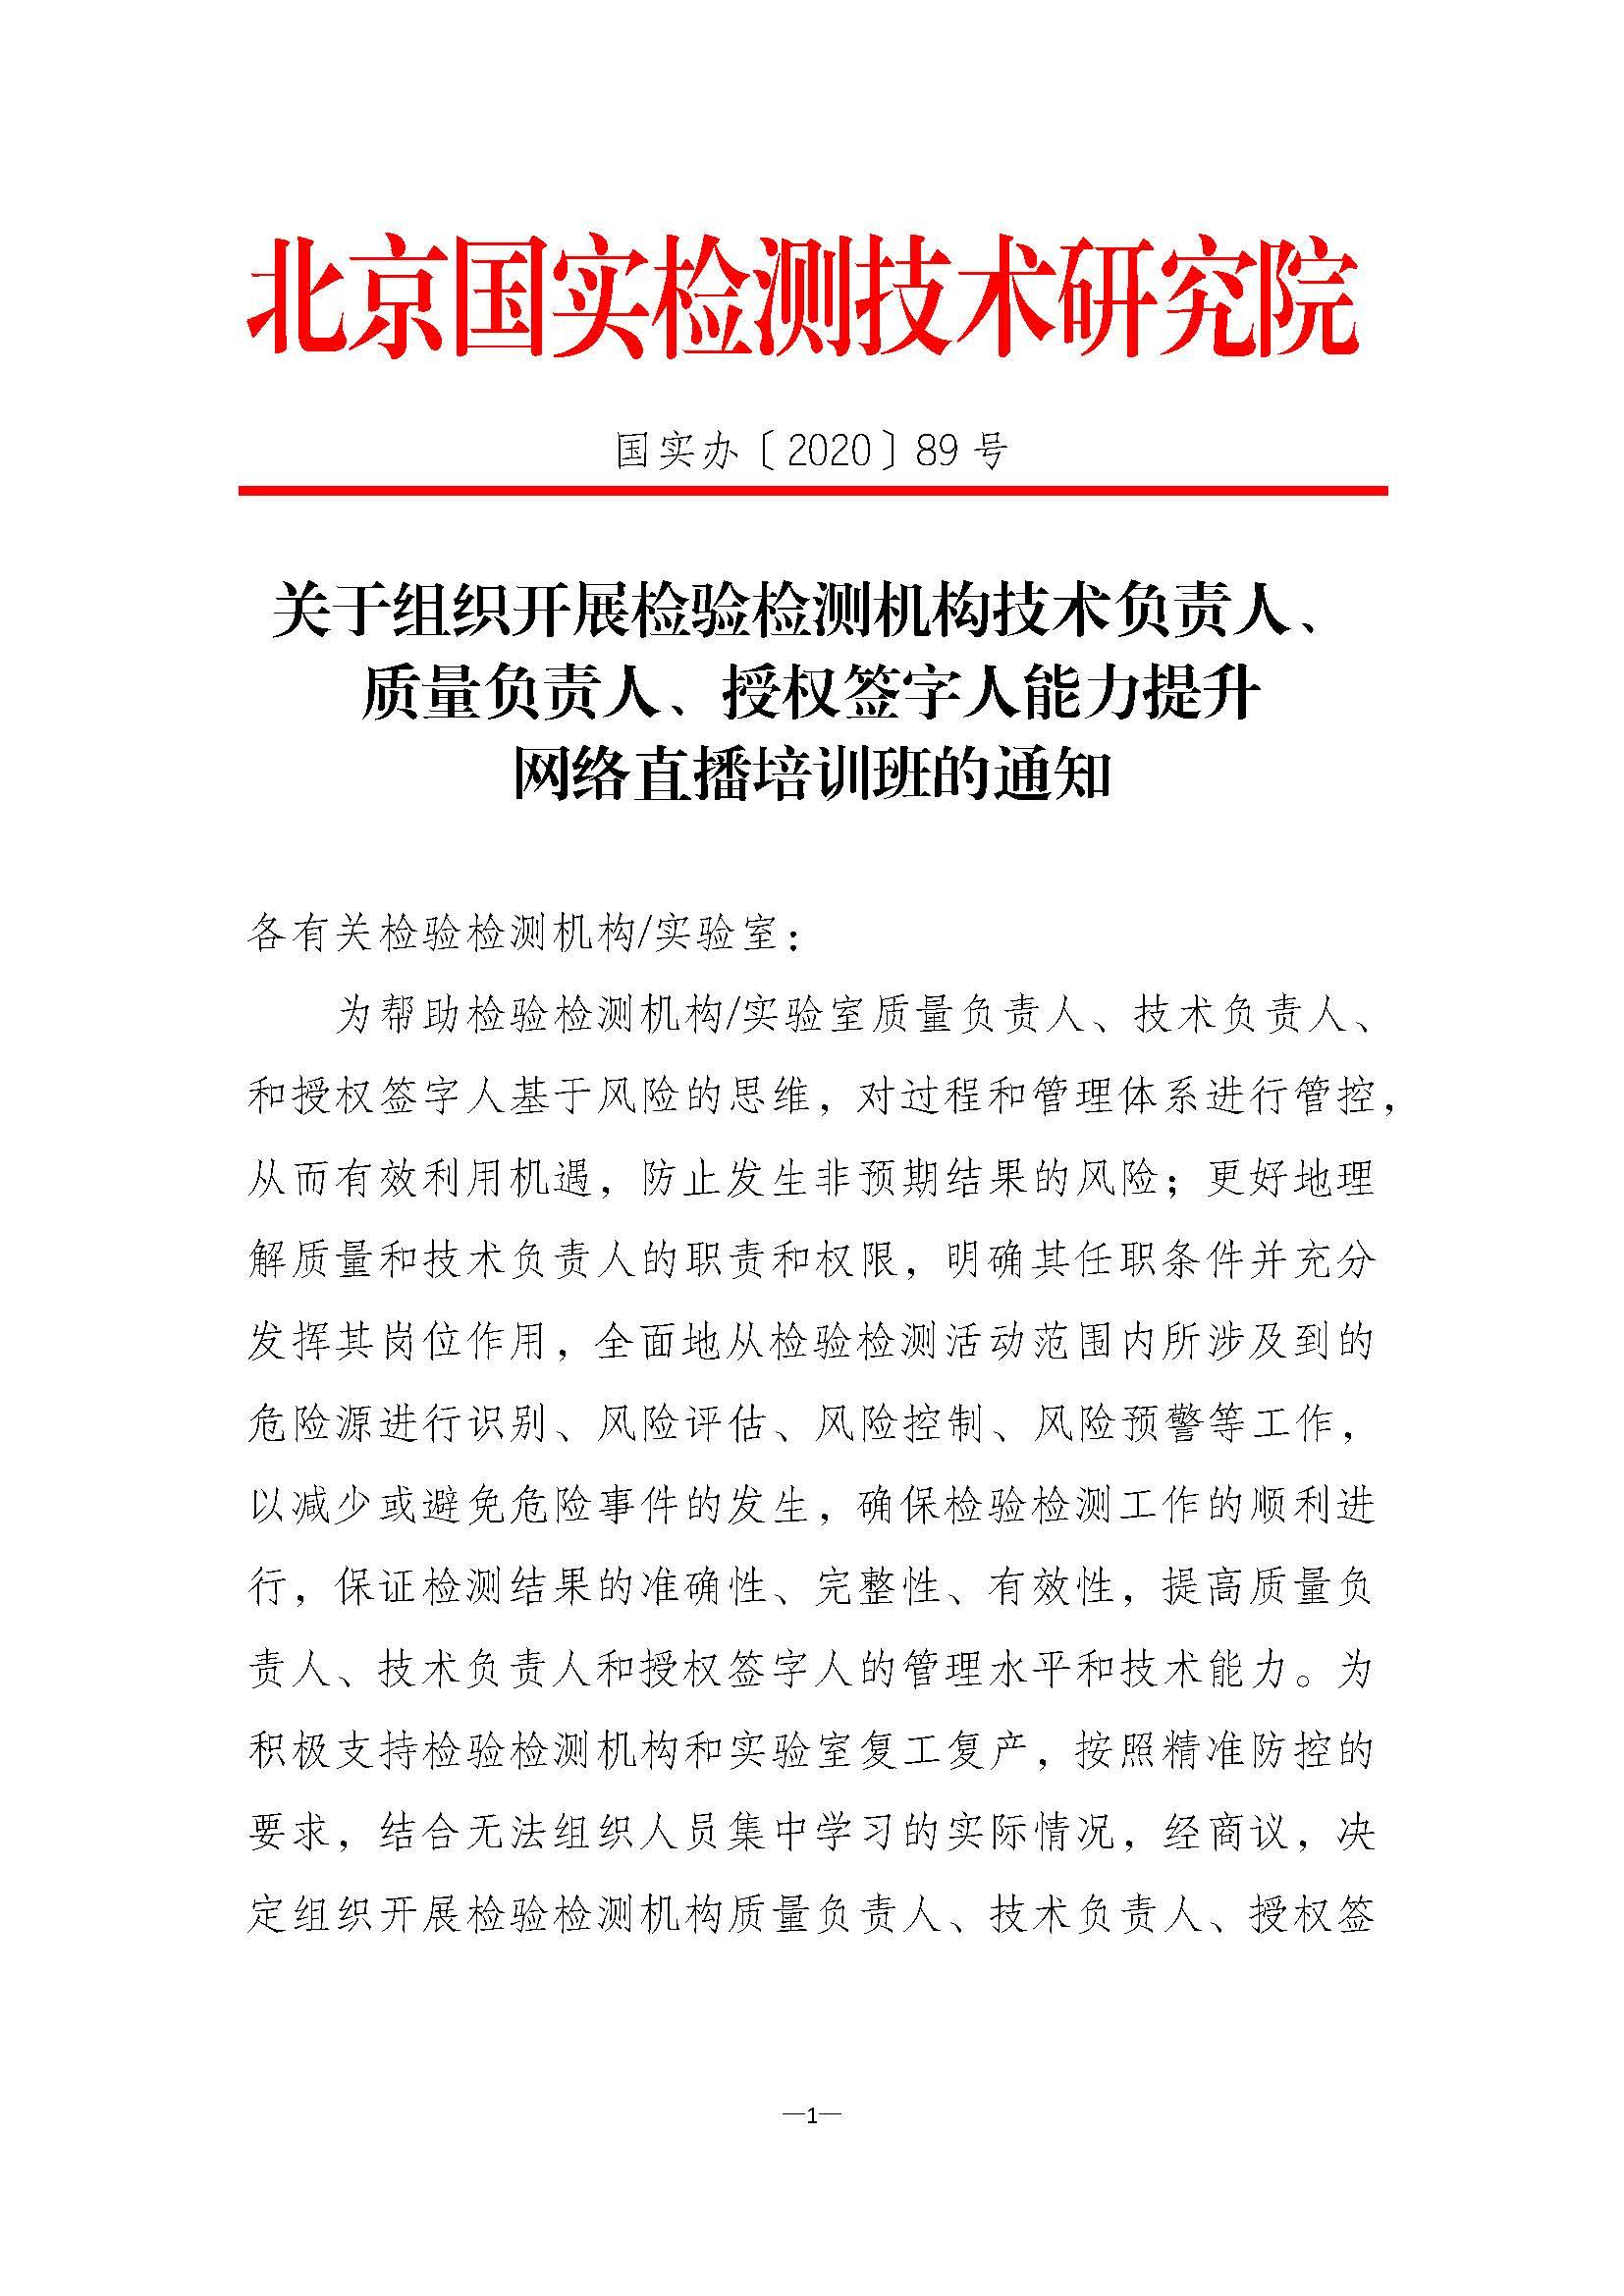 (6月22-24日黄涛)质量和技术负责人、授权签字人培训_页面_1.jpg